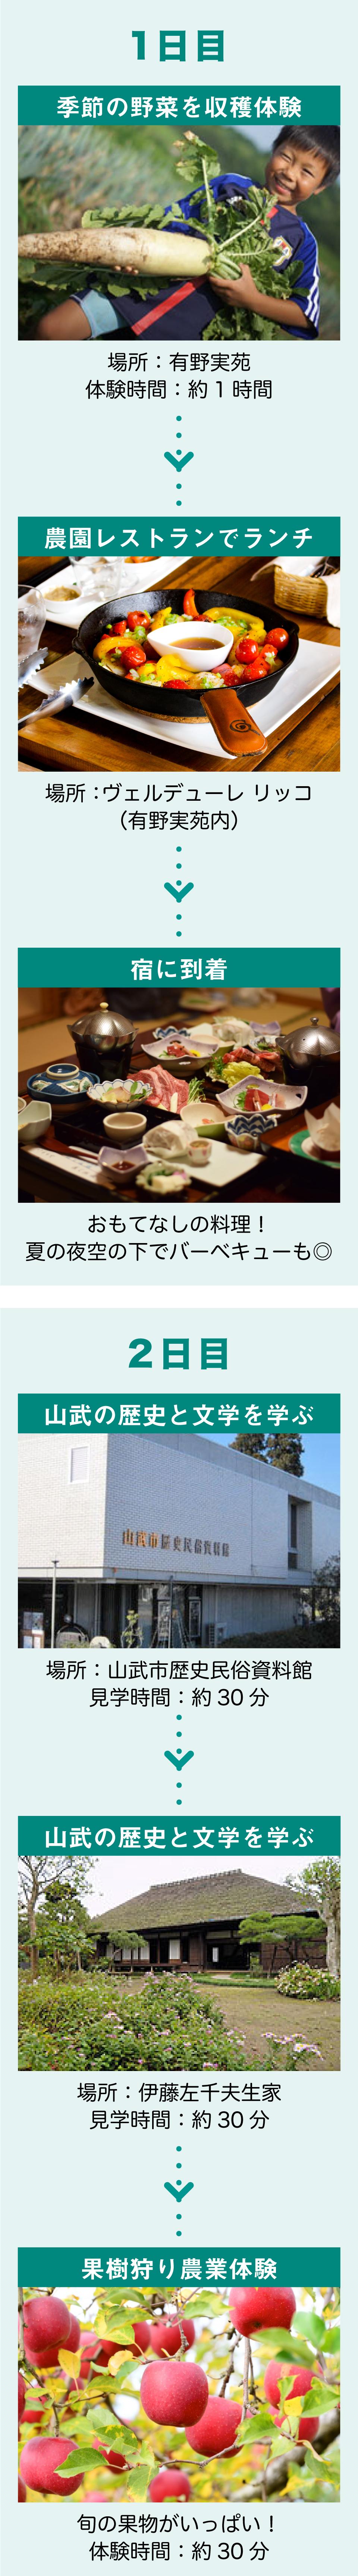 山武のアウトドア・天然記念物観察コース(6〜11月)